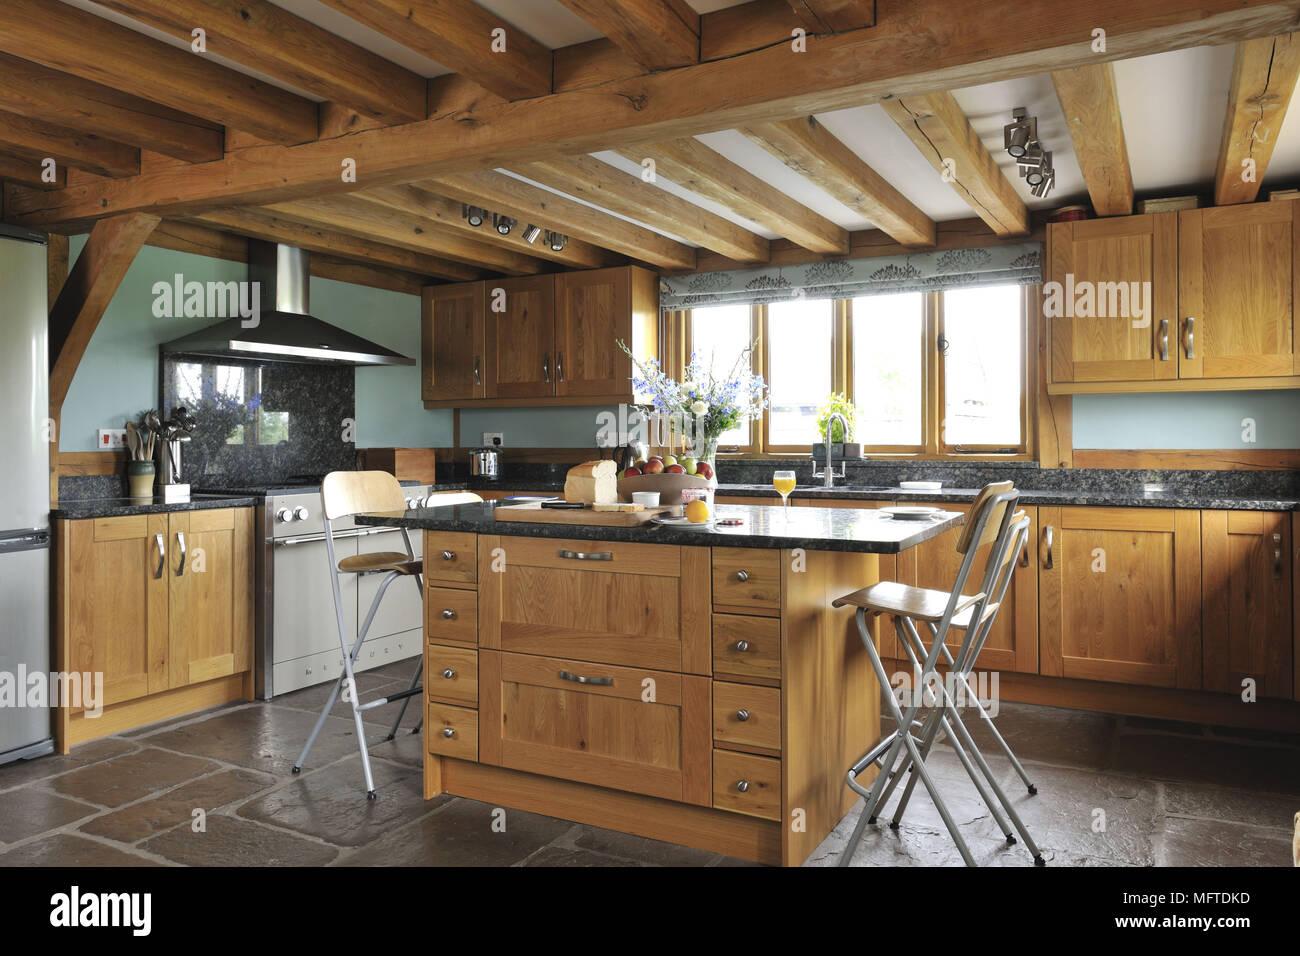 Barhocker An Der Theke In Der Modernen Kuche Im Landhausstil Stockfotografie Alamy